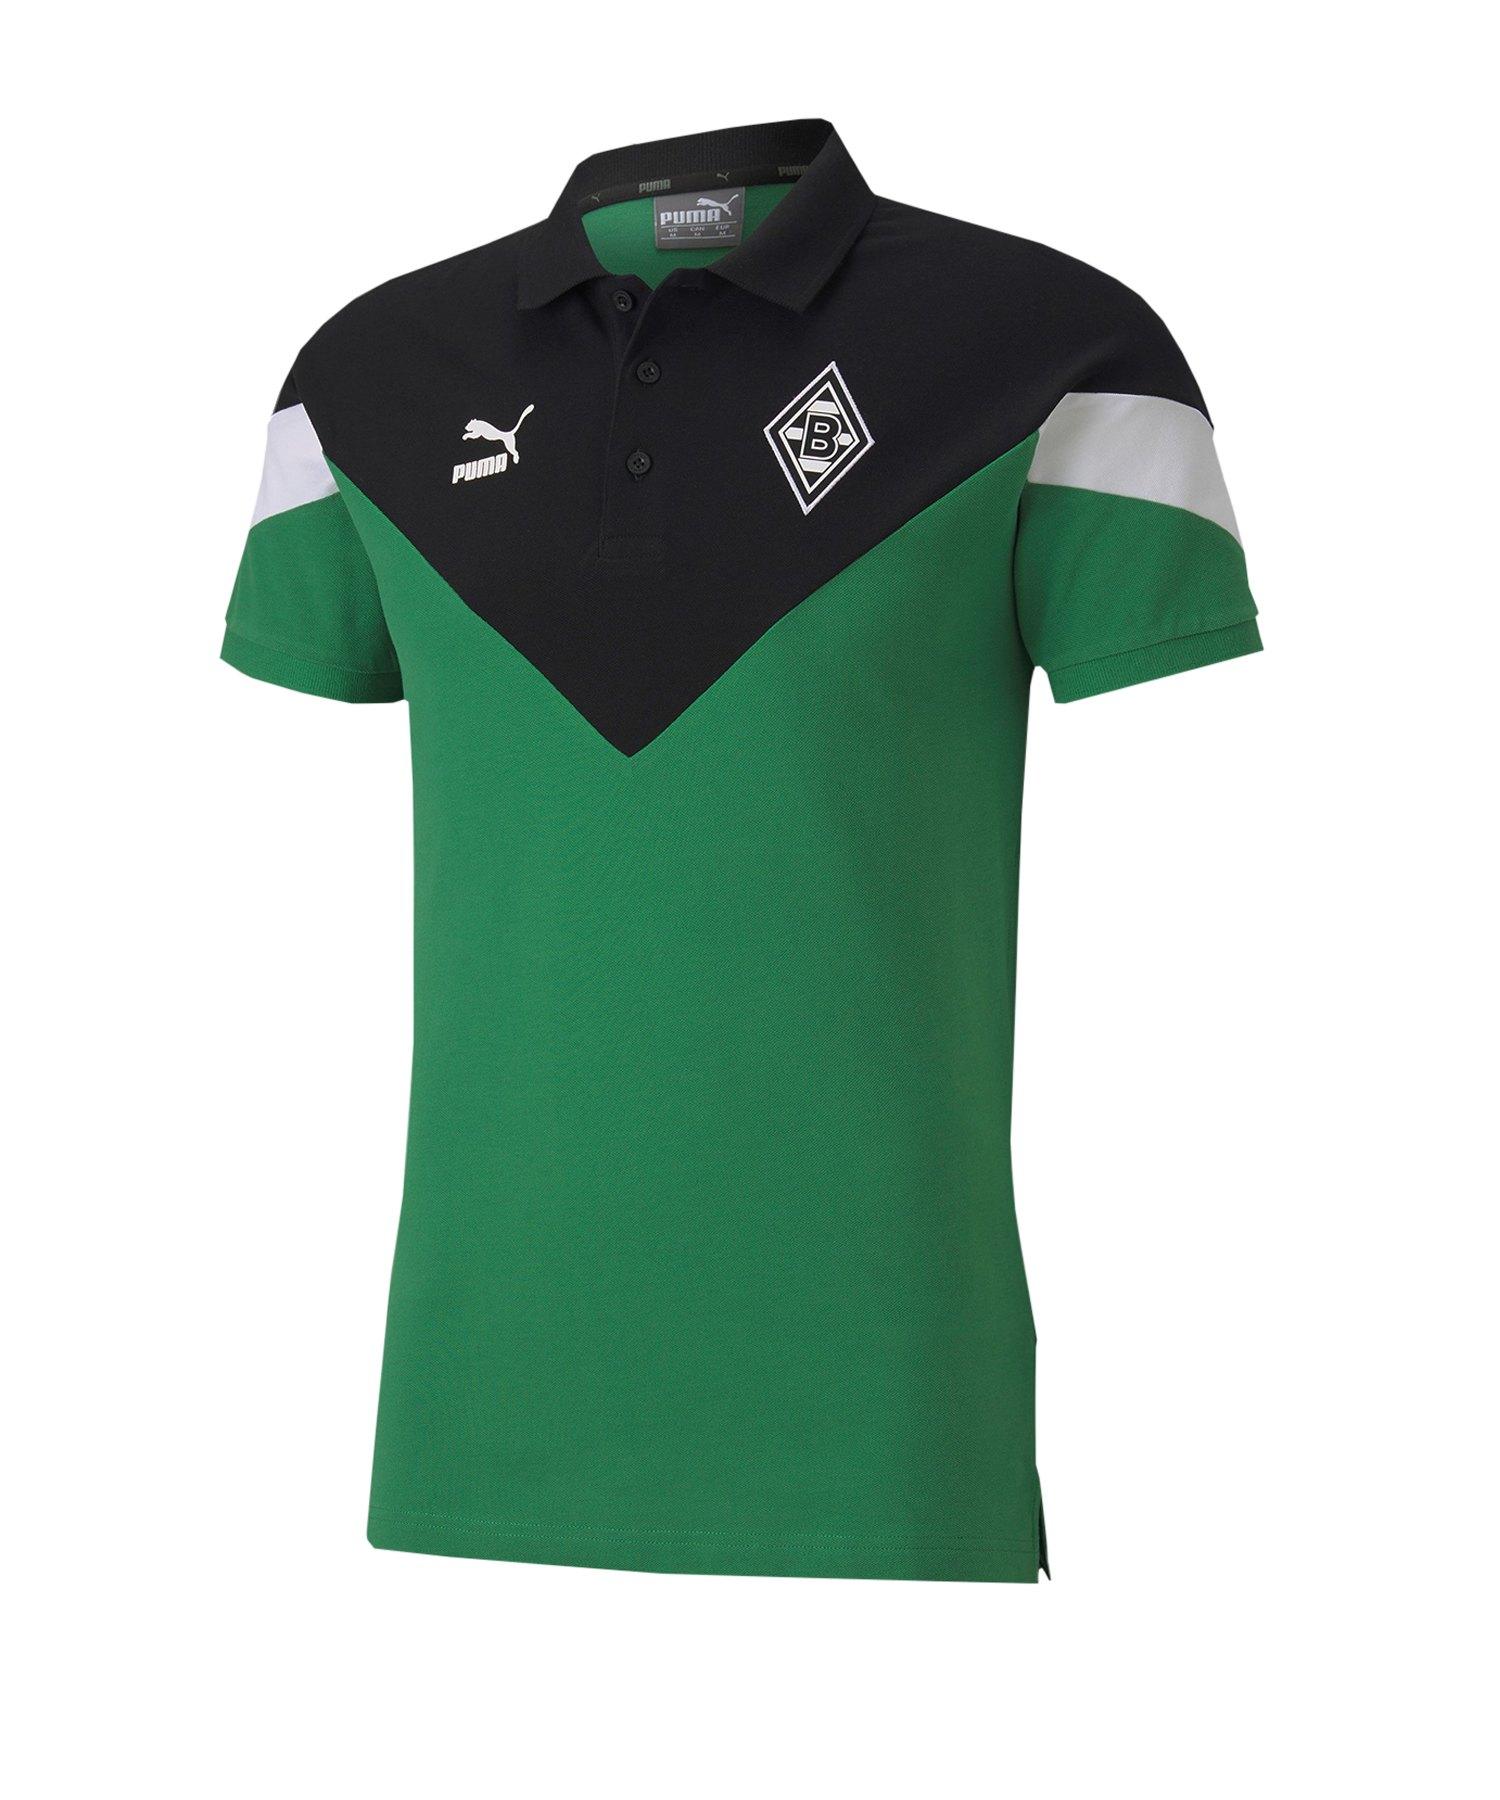 PUMA Borussia Mönchengladbach Poloshirt Grün F01 - grün